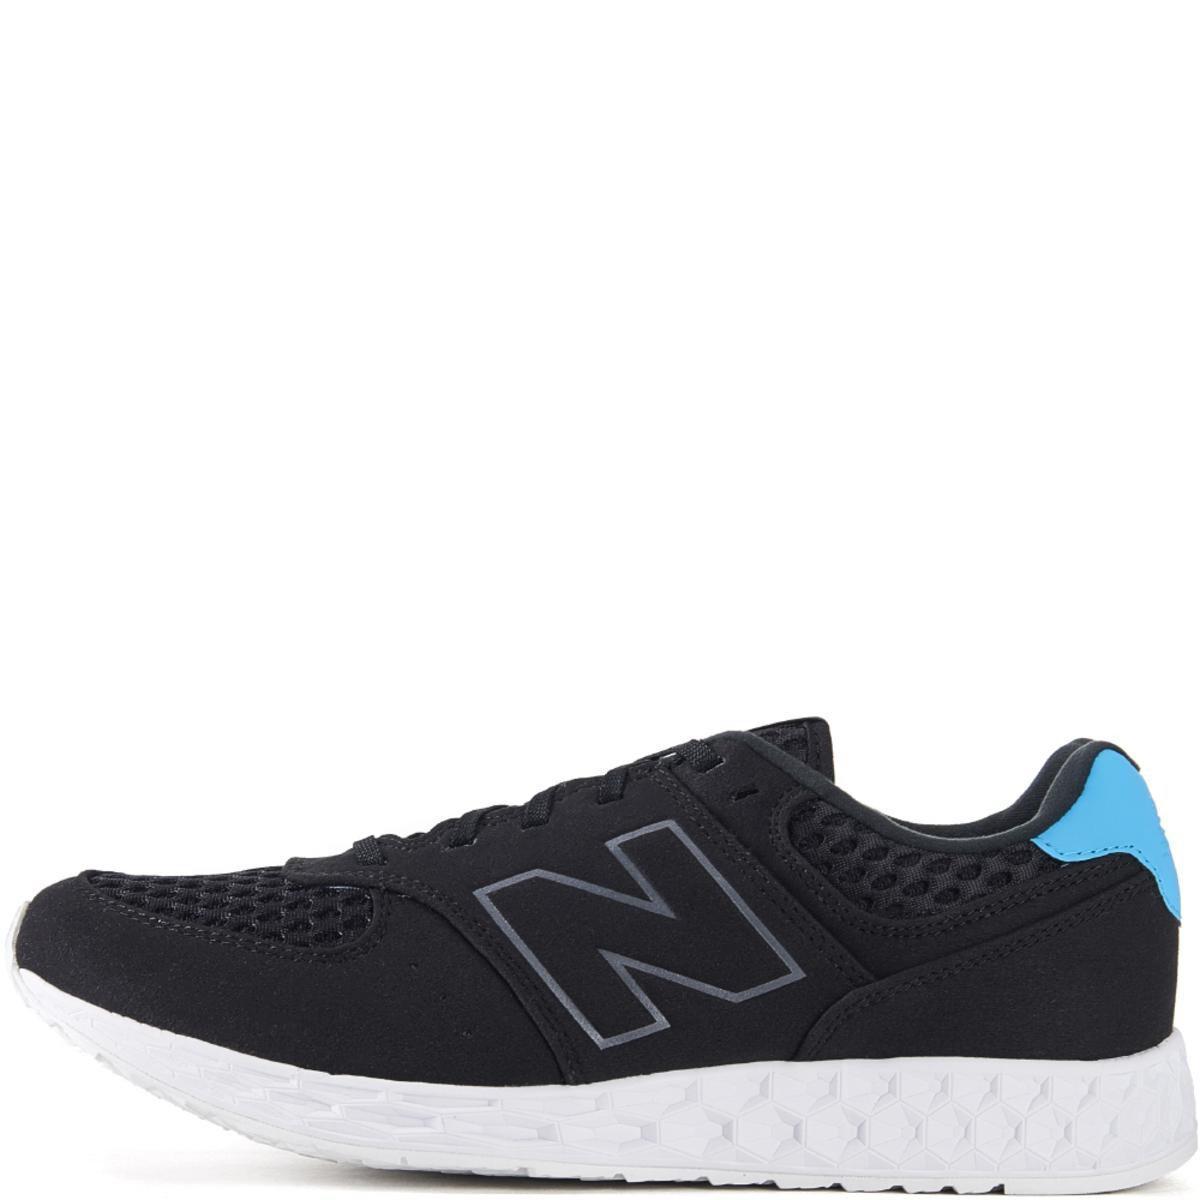 best sneakers fe9e3 73e7e Unisex: 574 Fresh Foam Breathe Black Running Shoes